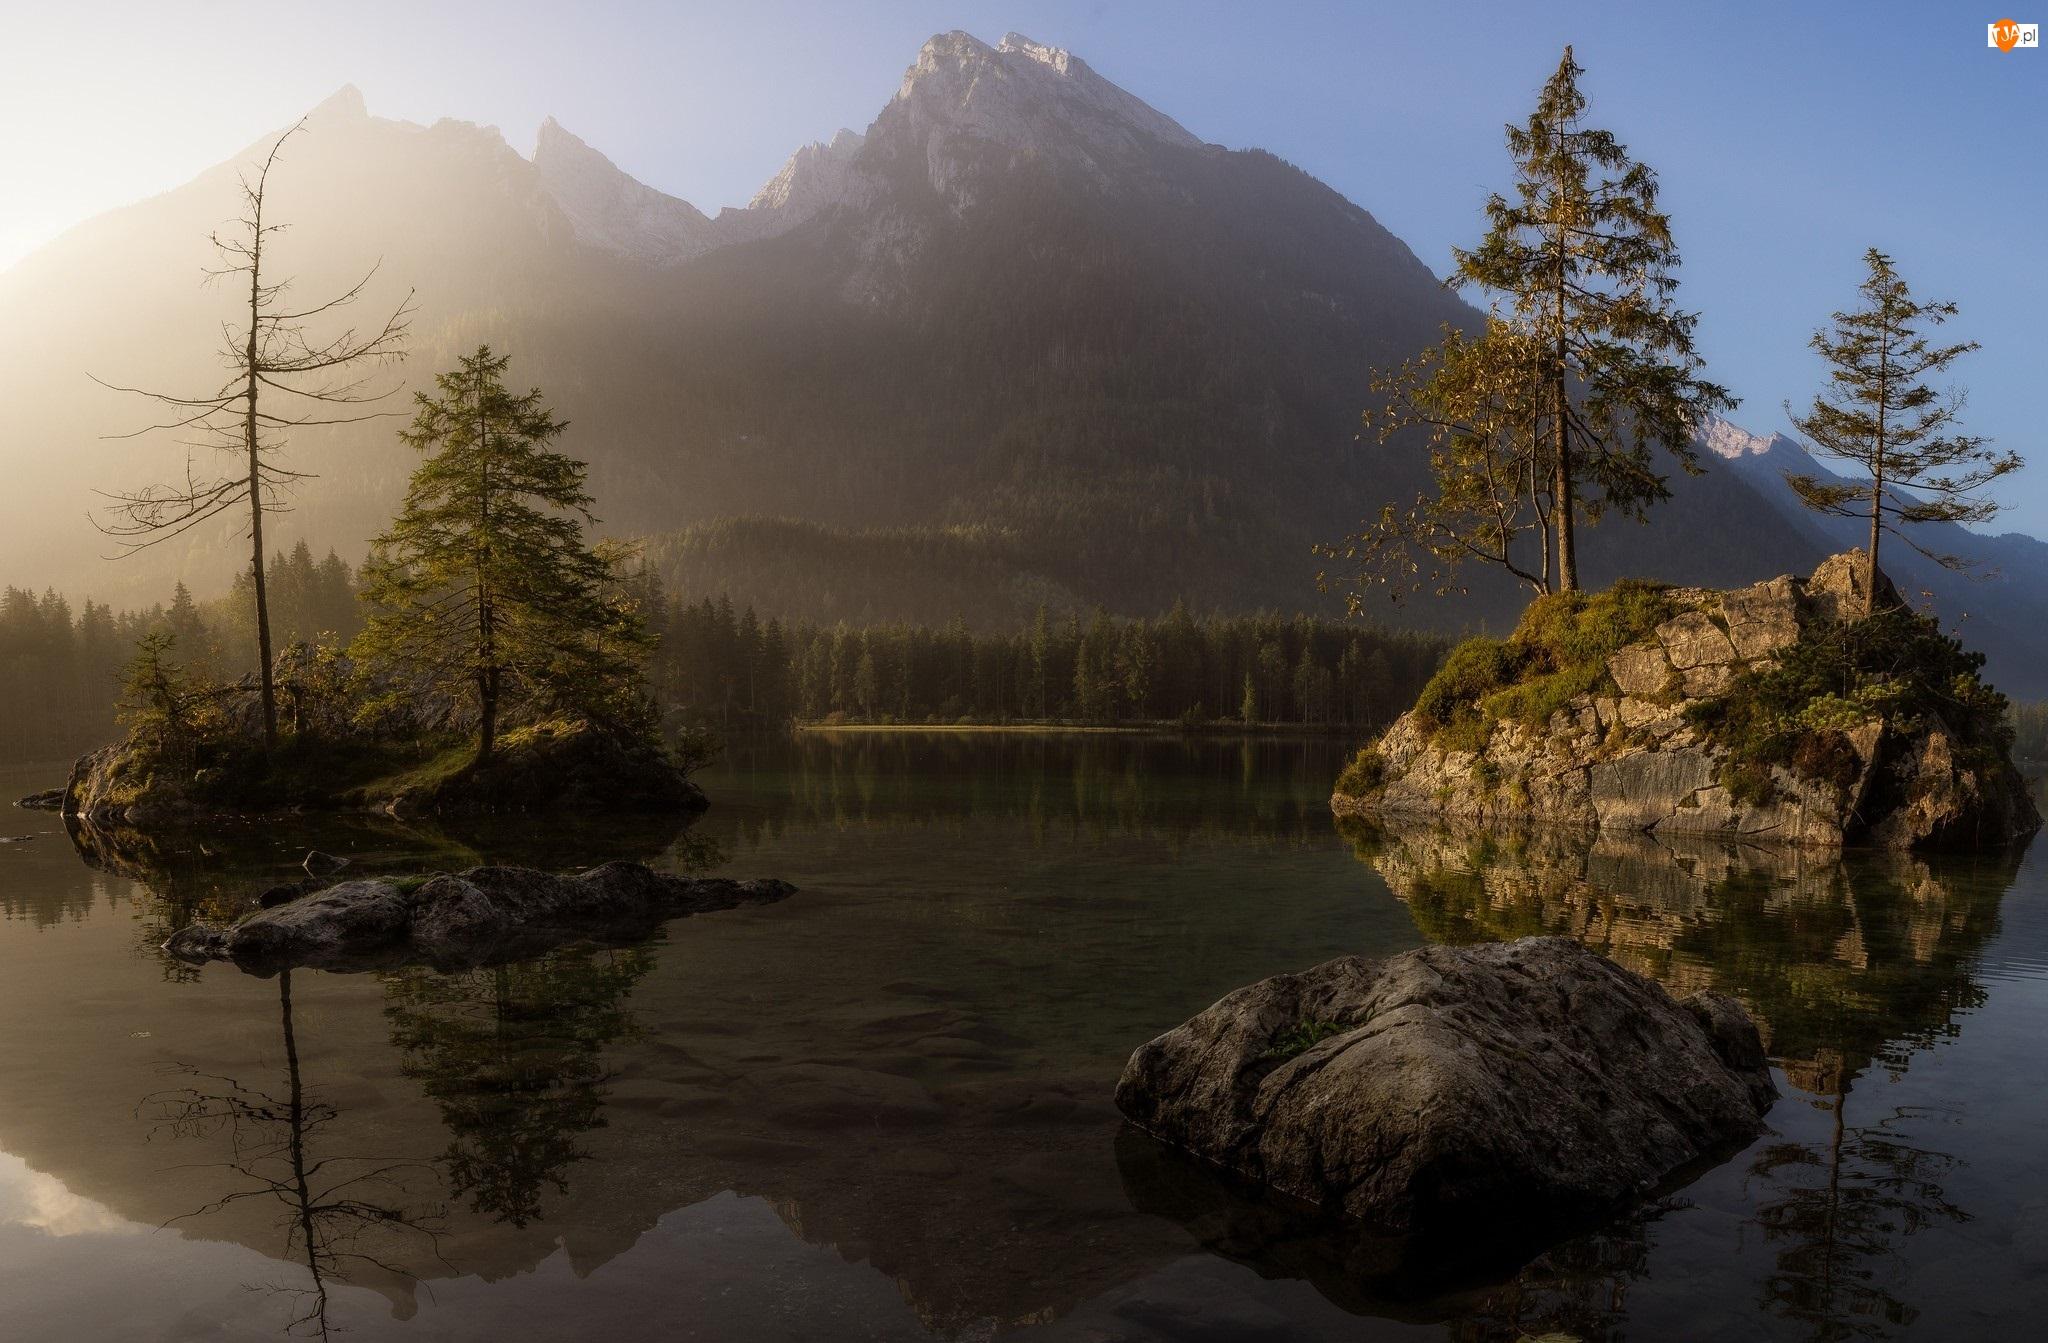 Skały, Jezioro Hintersee, Niemcy, Góry Alpy, Bawaria, Mgła, Drzewa